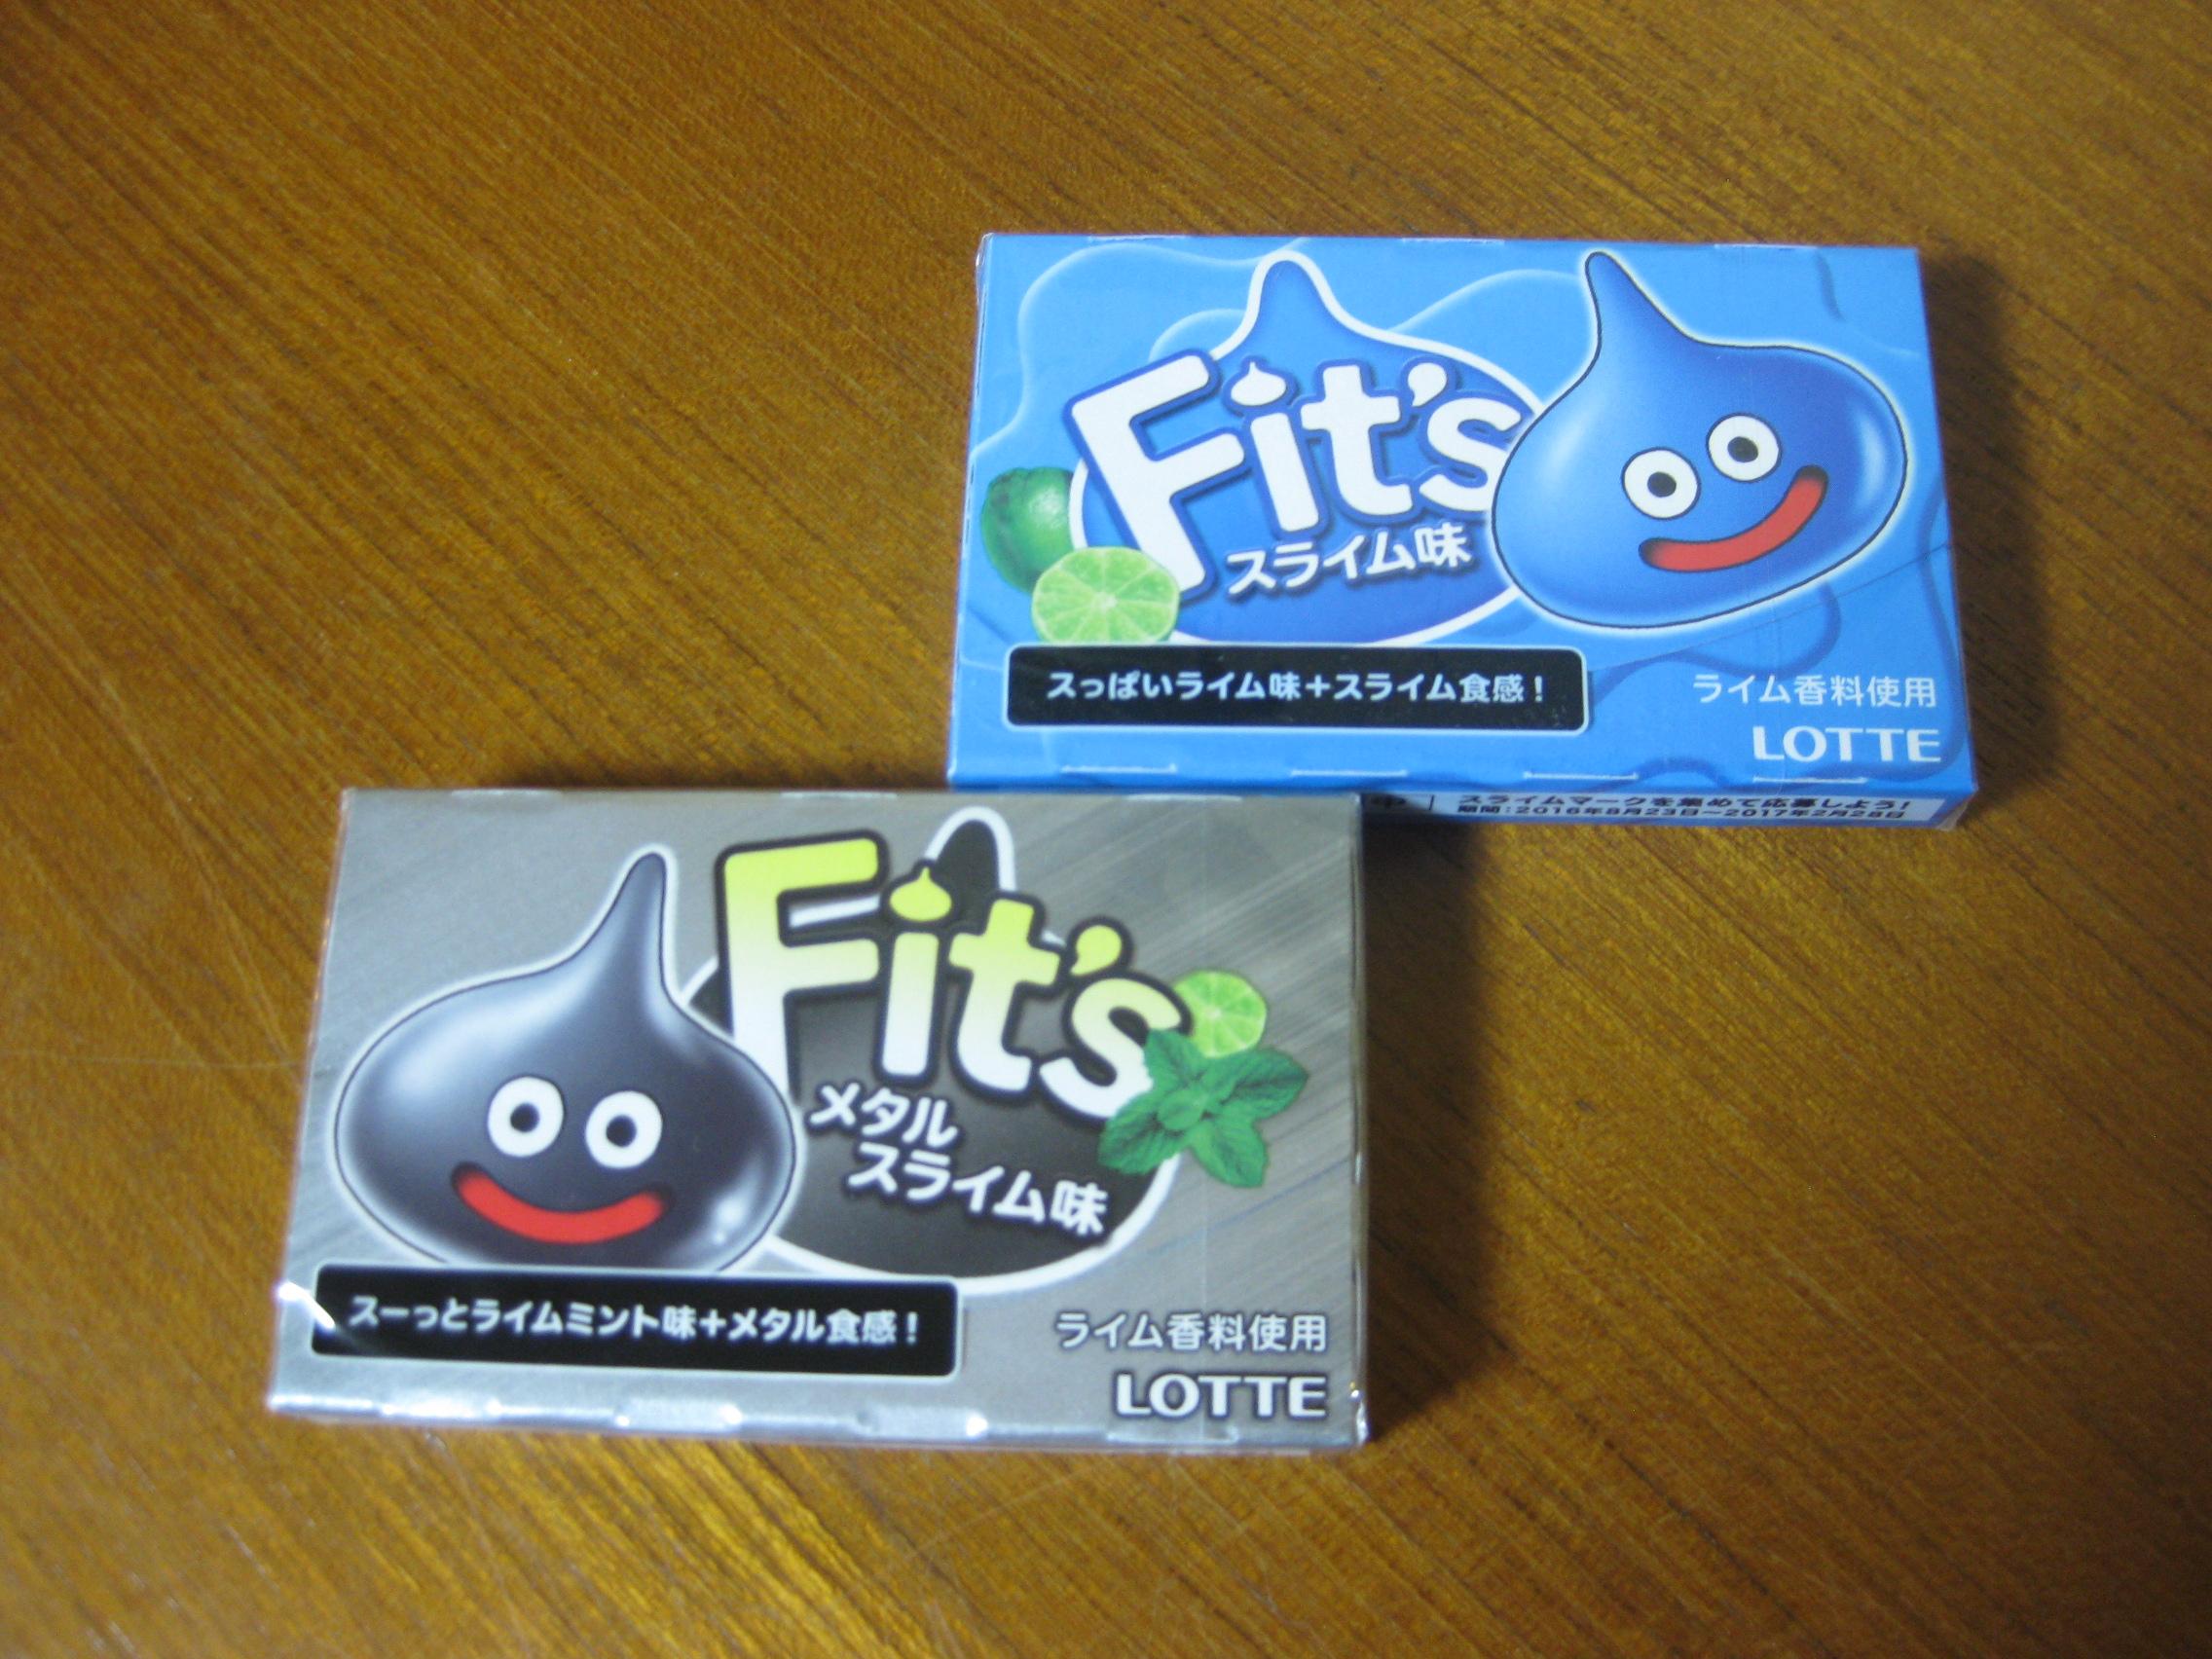 販売促進とパッケージデザイン事例『珍しいパッケージデザインで口コミ効果を生むアイディア』